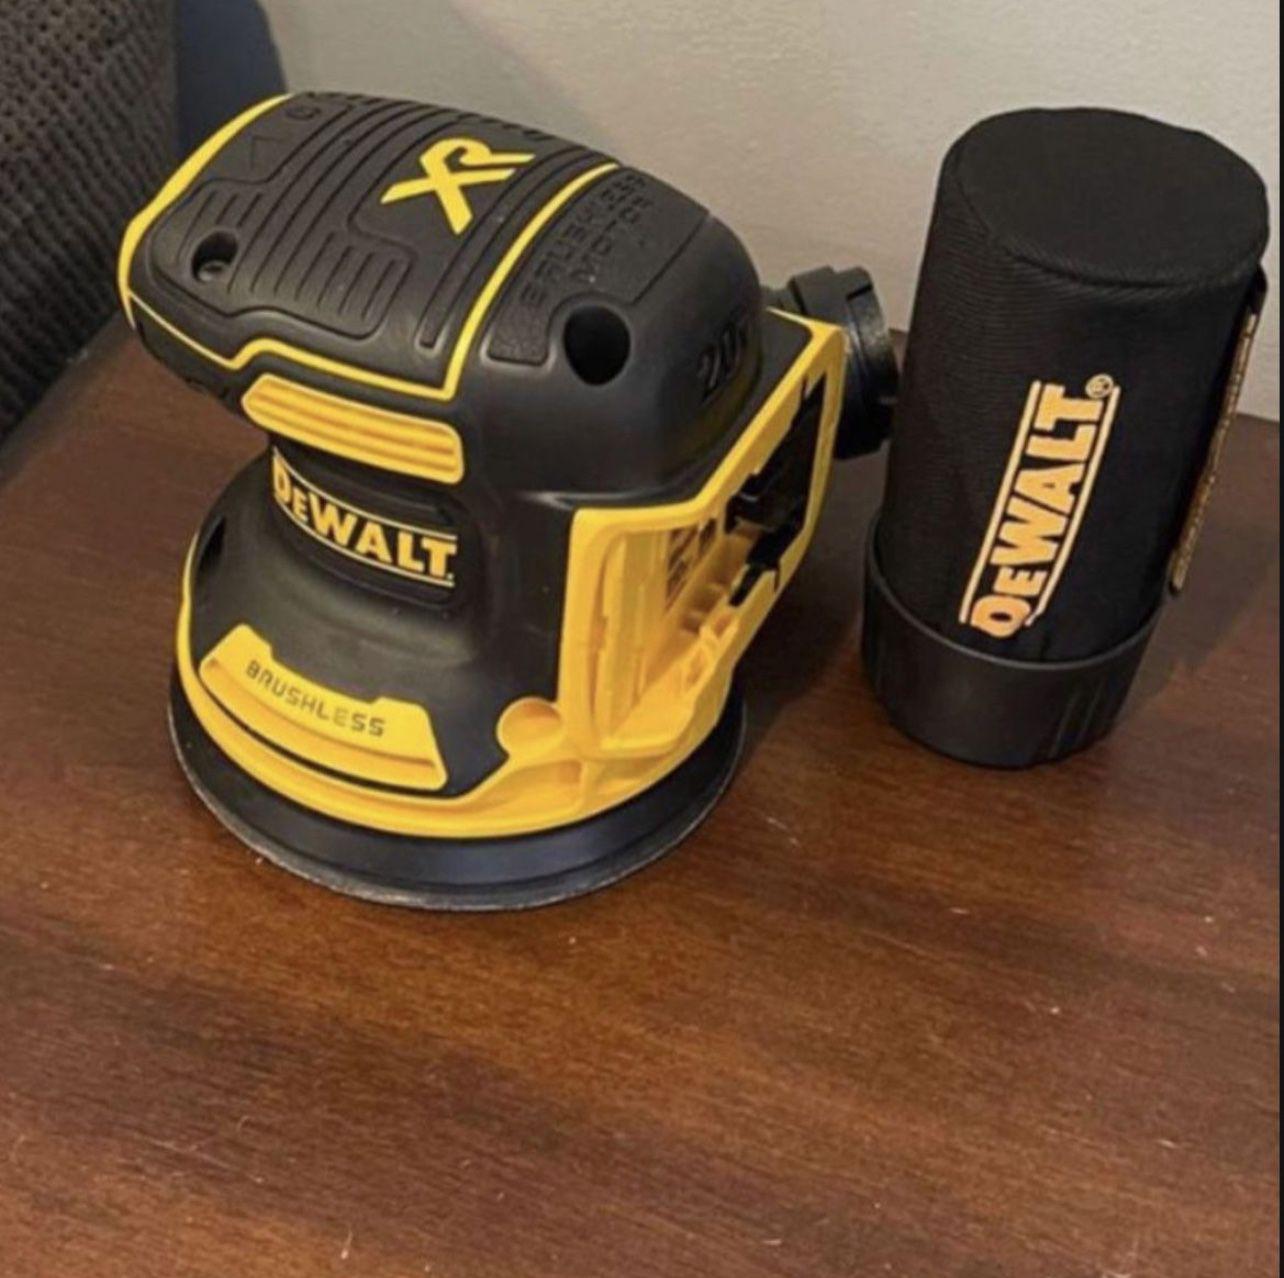 Dewalt Sander 20V. $100 🔥 Tool Only 🔥 Pick Up In Van Nuys